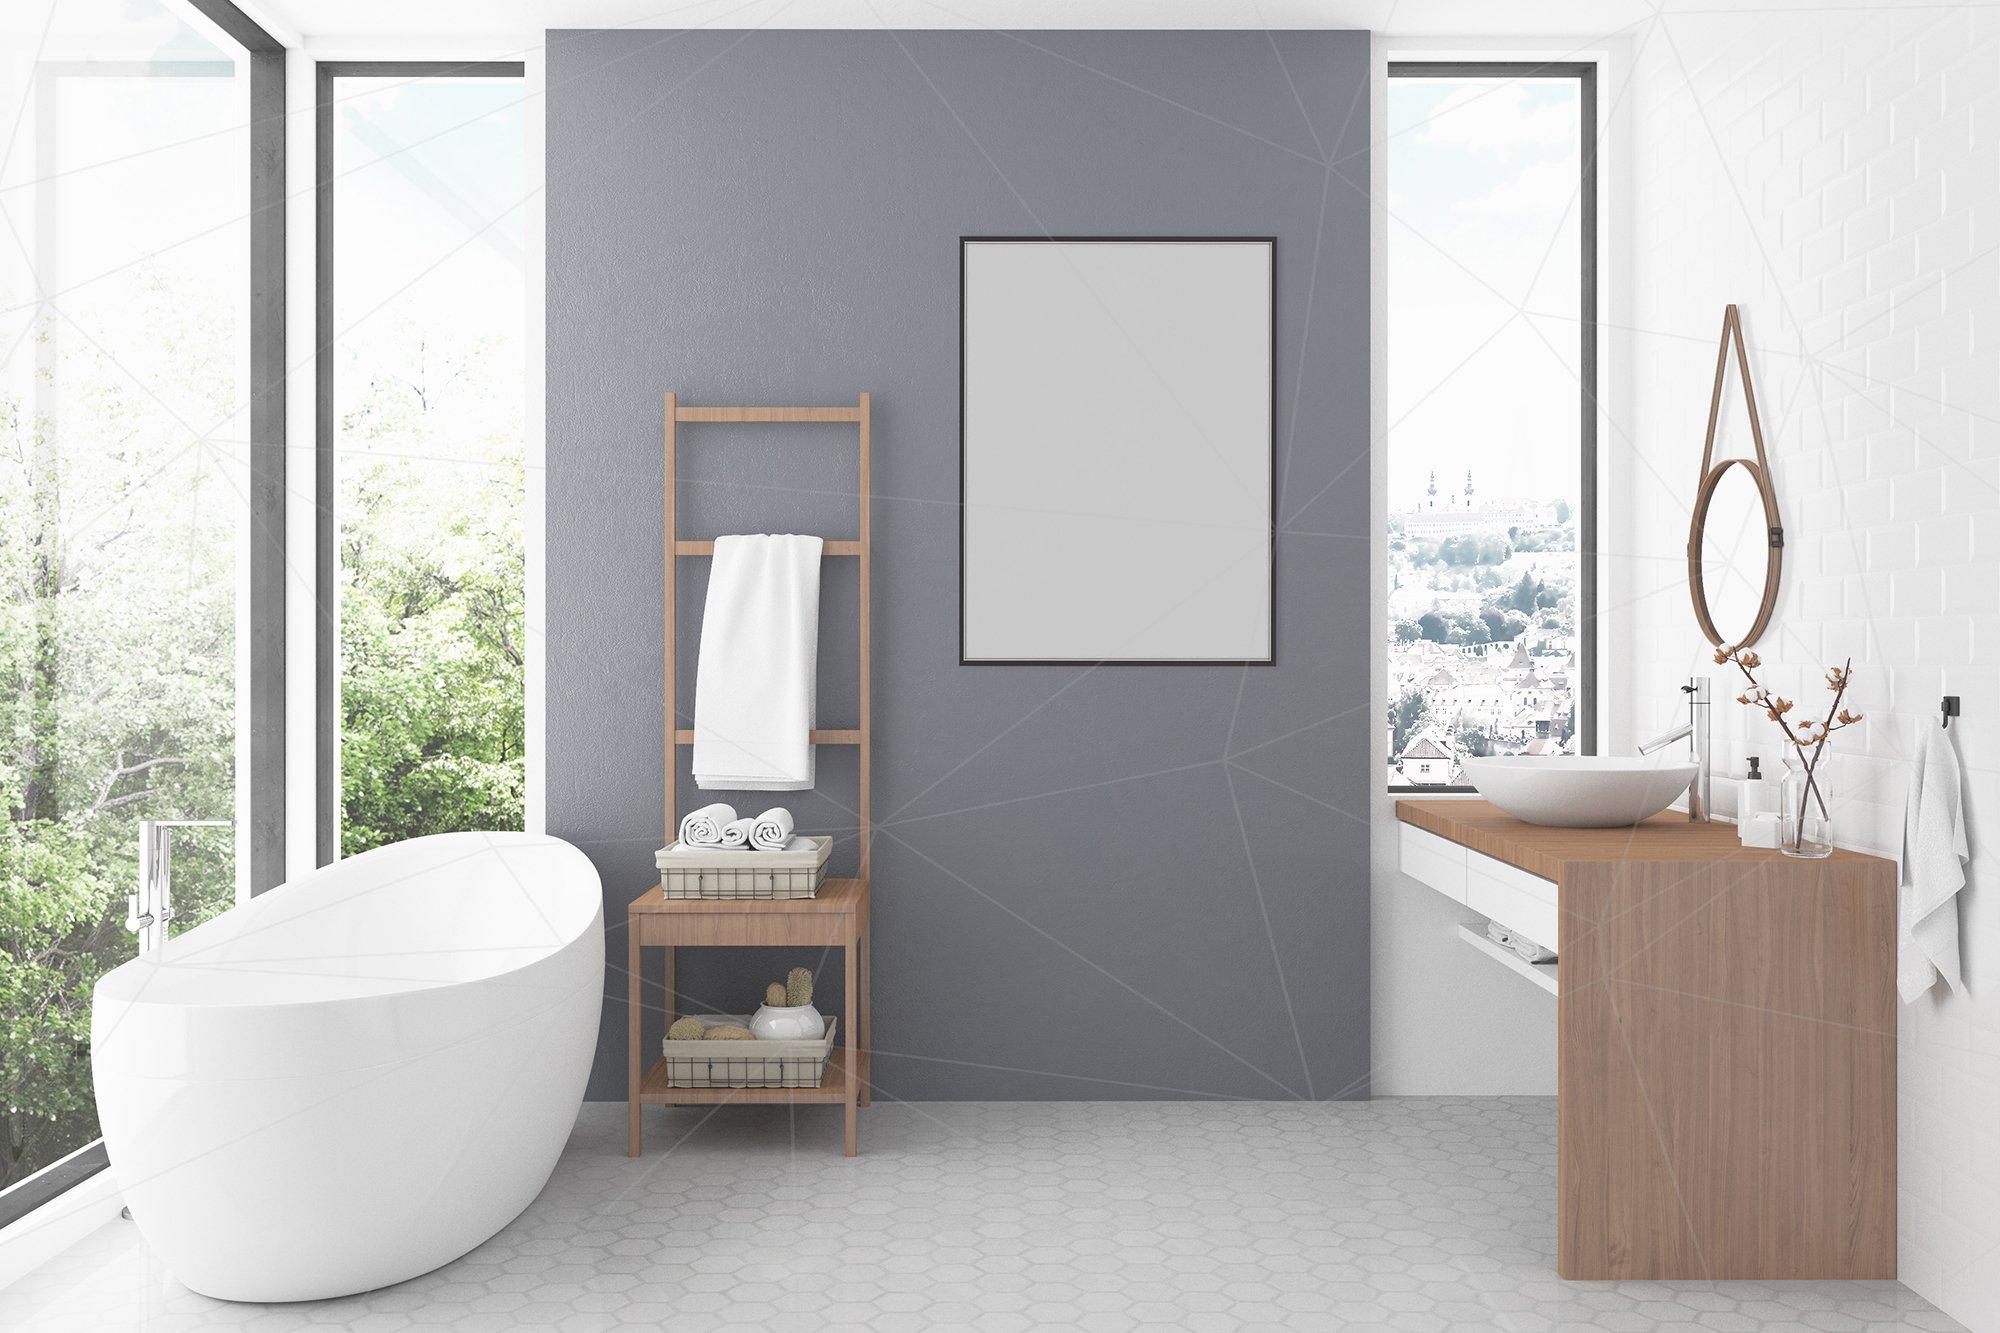 Interior Mockup Bundle Bathroom Background 104532 Mock Ups Design Bundles